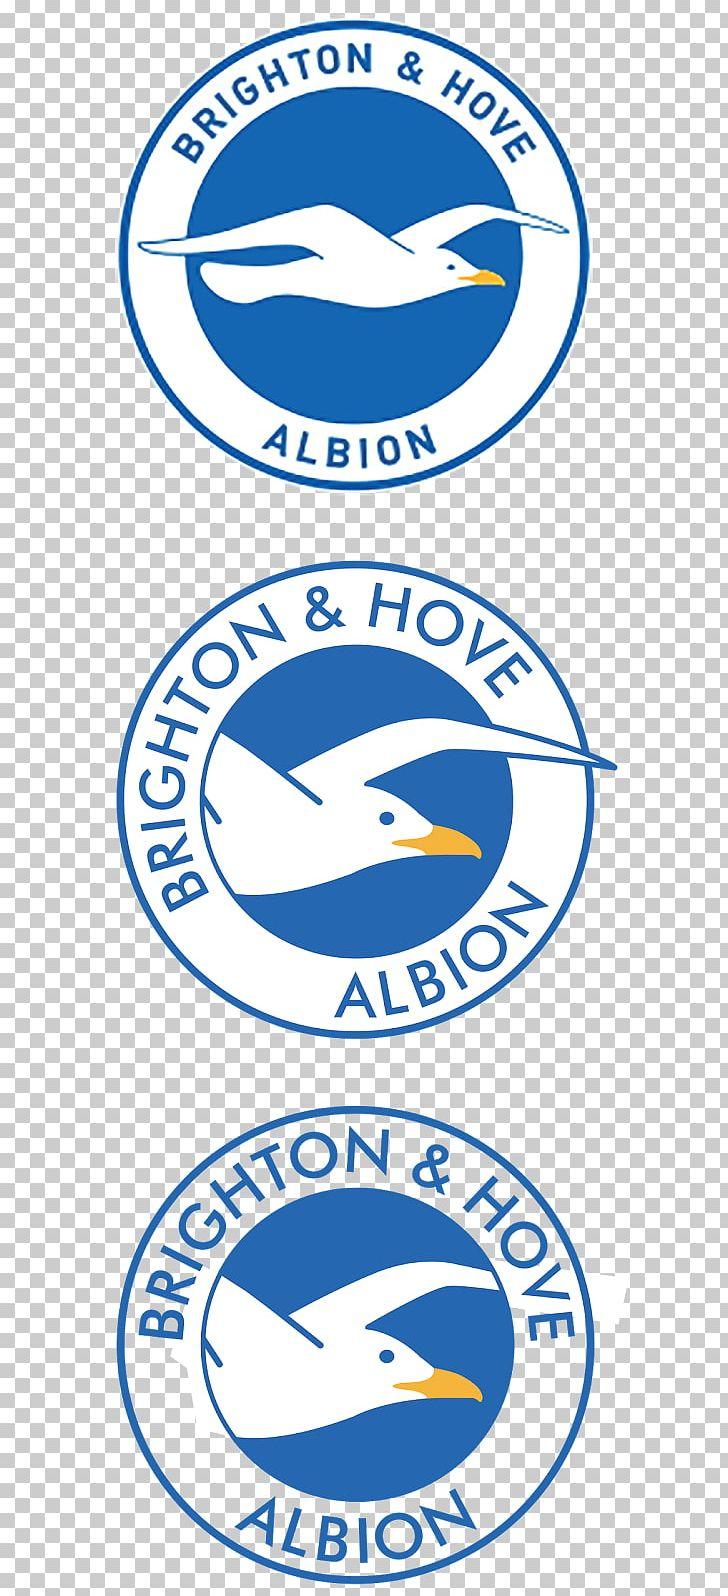 Brighton & Hove Albion F.C. Logo Trademark Brand PNG.